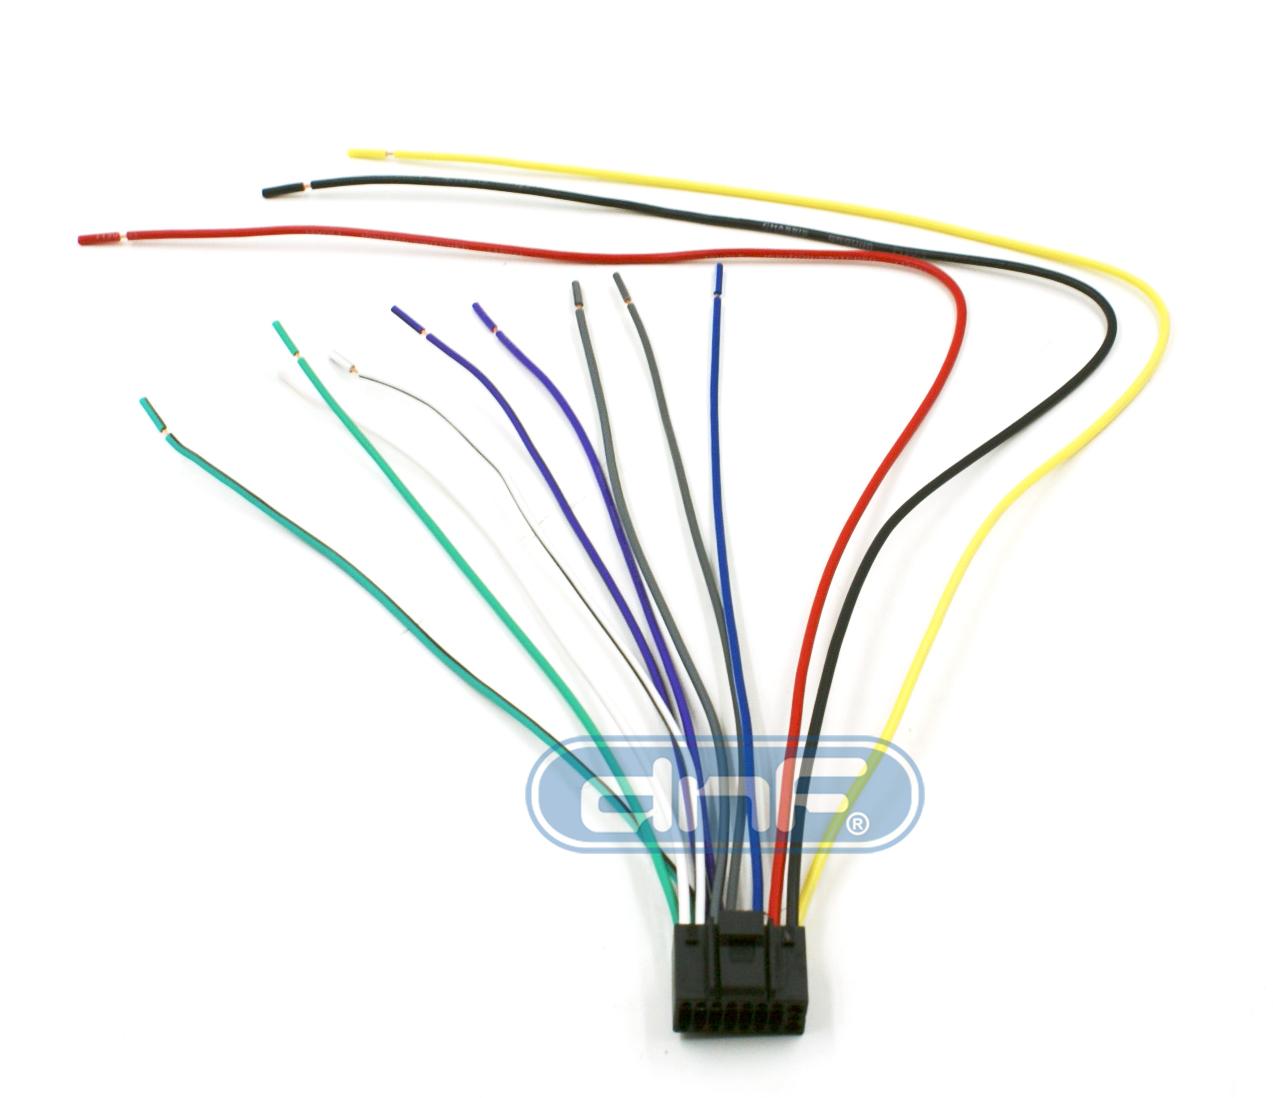 Ly 0409 Kenwood Kdc X693 Wiring Diagram Wiring Diagram